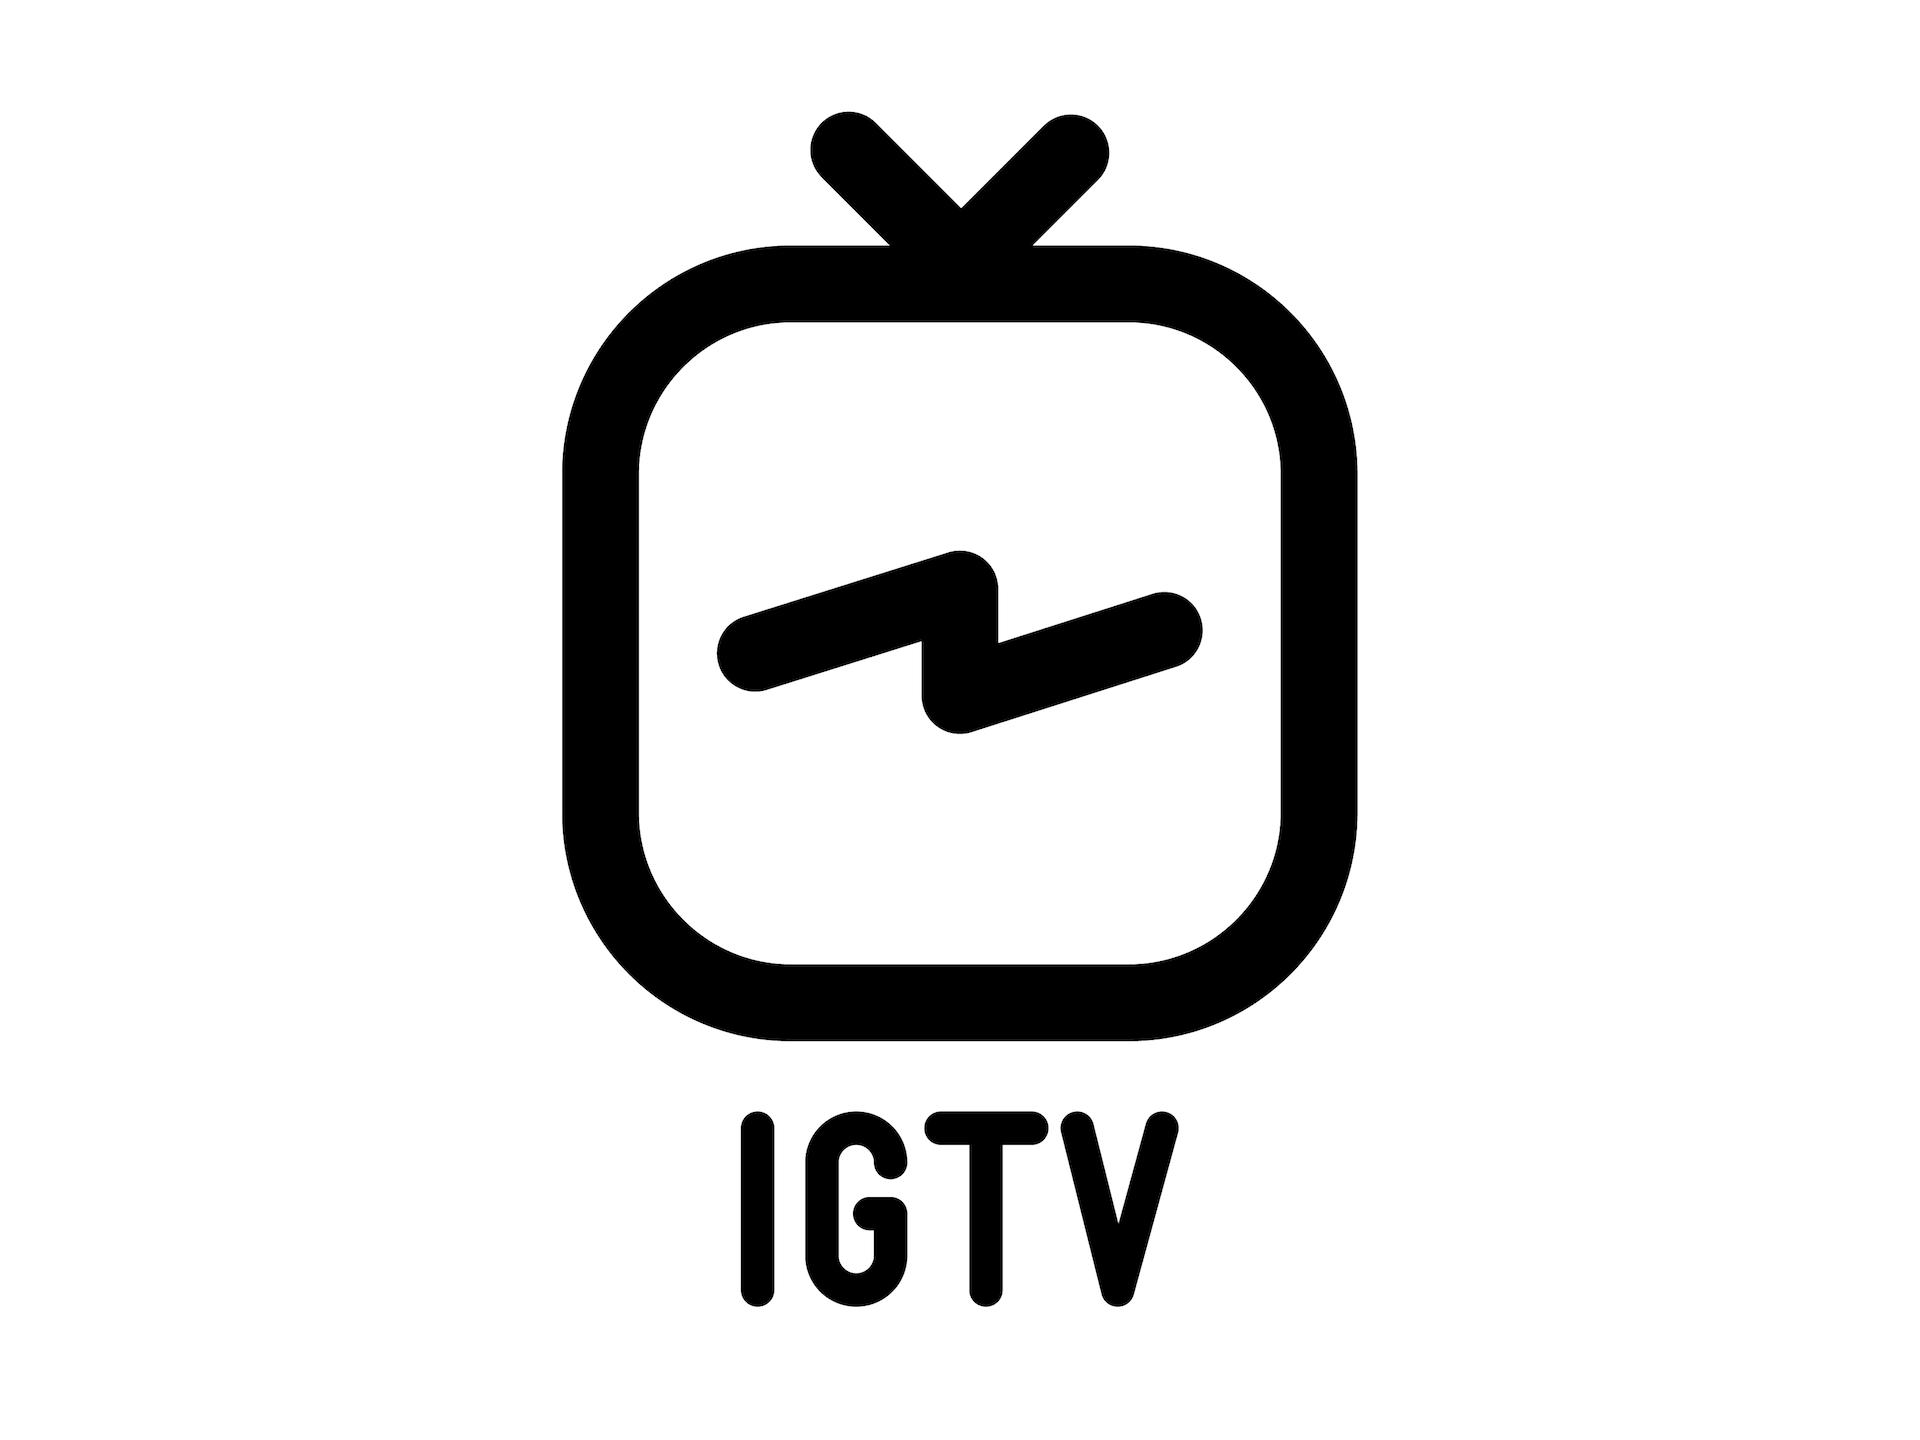 Почему нет igtv в инстаграмме   что делать если нет кнопки igtv в instagram